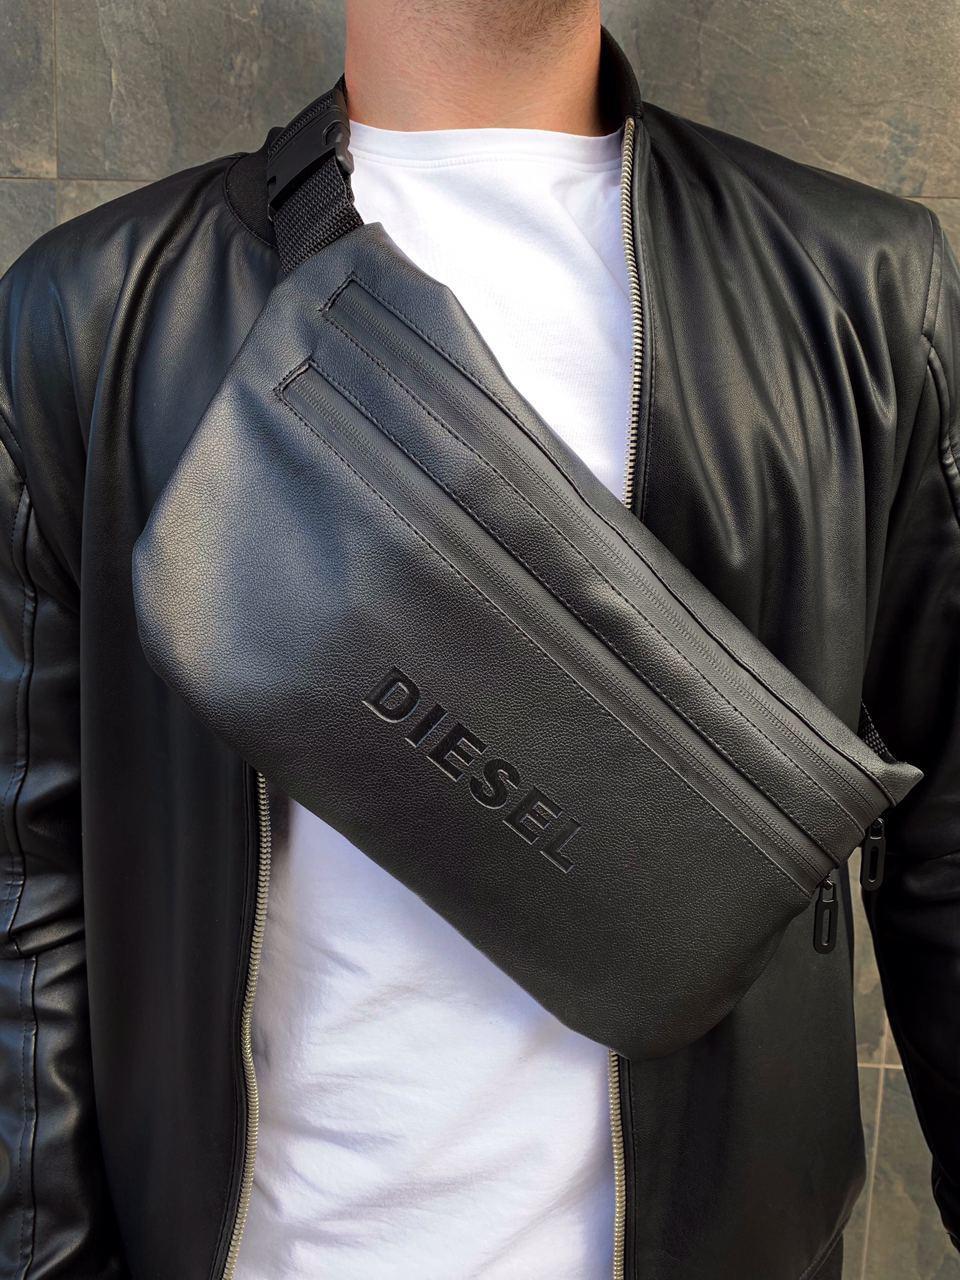 Бананка Diesel кожа (шкірозамінник) поясная сумка черная мужская женская